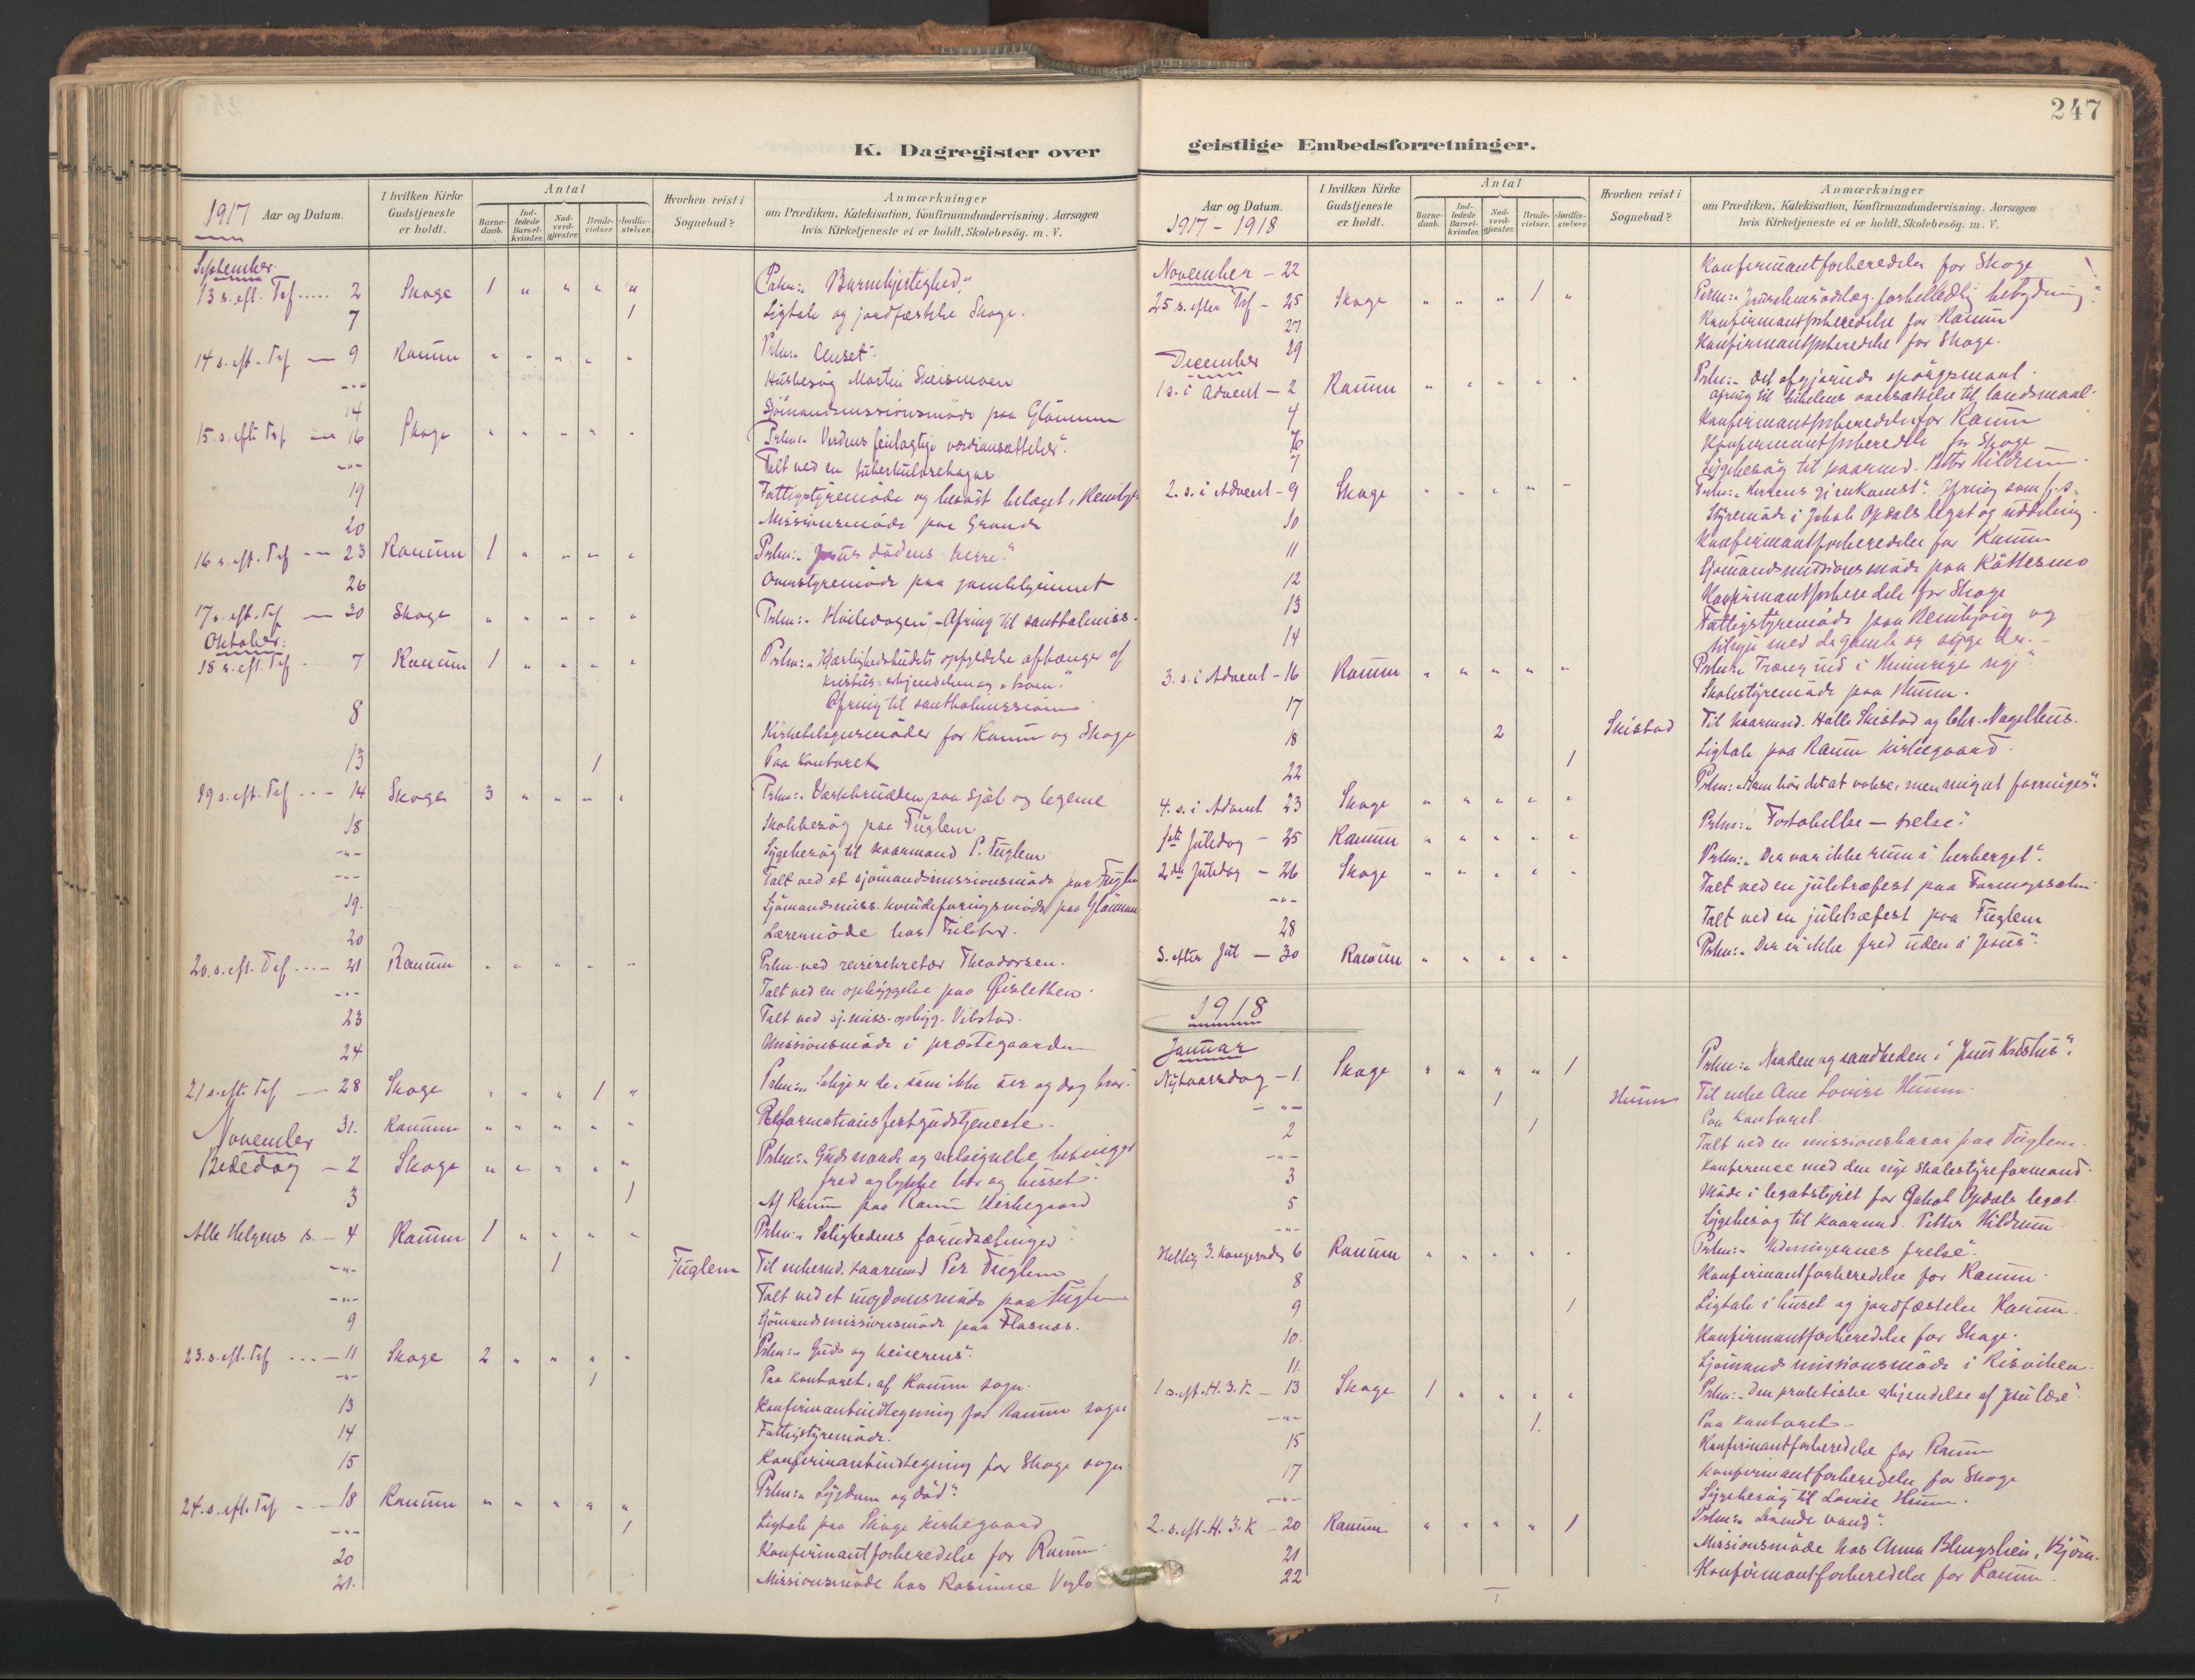 SAT, Ministerialprotokoller, klokkerbøker og fødselsregistre - Nord-Trøndelag, 764/L0556: Ministerialbok nr. 764A11, 1897-1924, s. 247